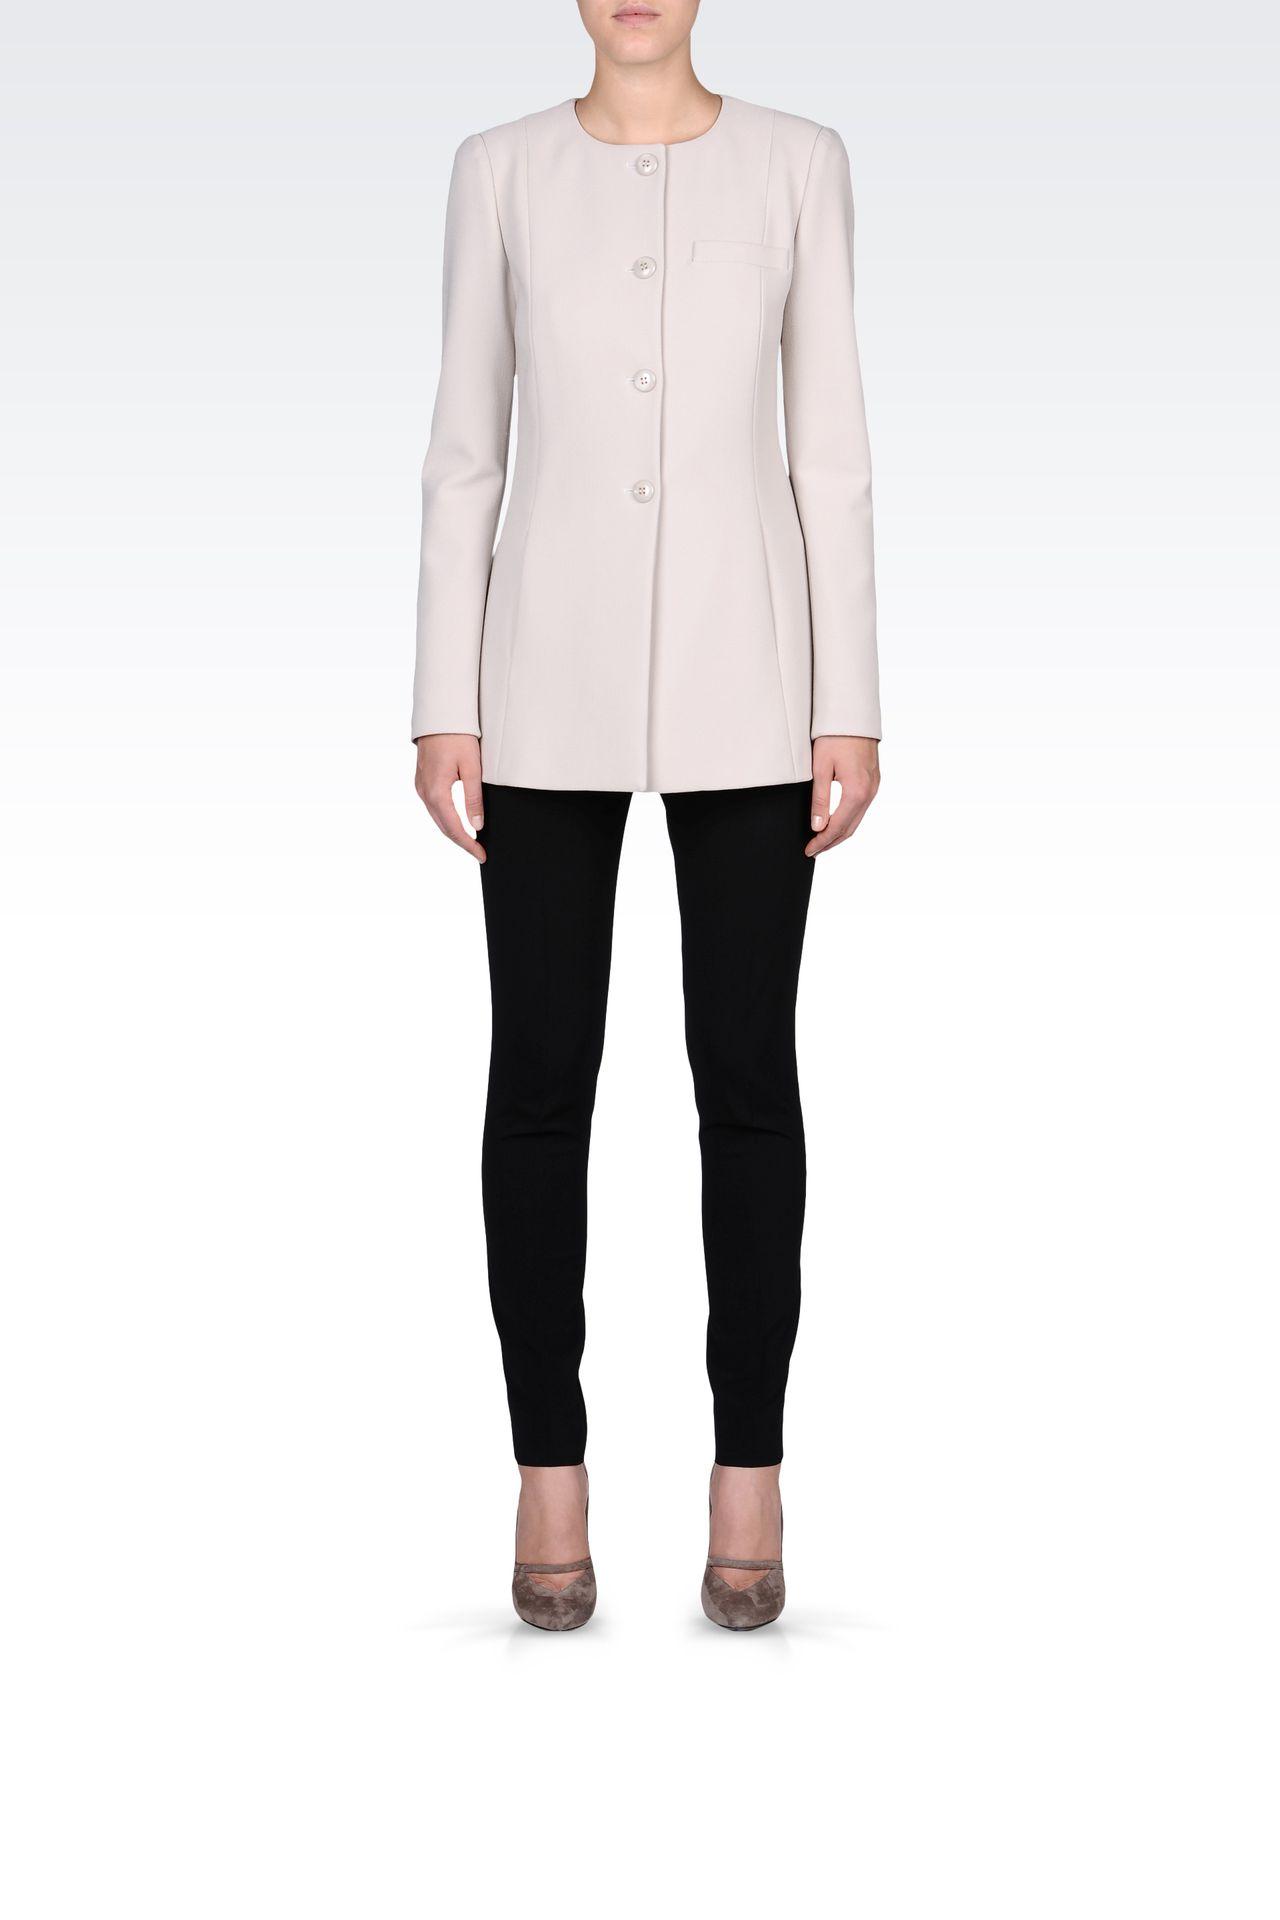 LONG CREW NECK JACKET IN CRÊPE: Dinner jackets Women by Armani - 0